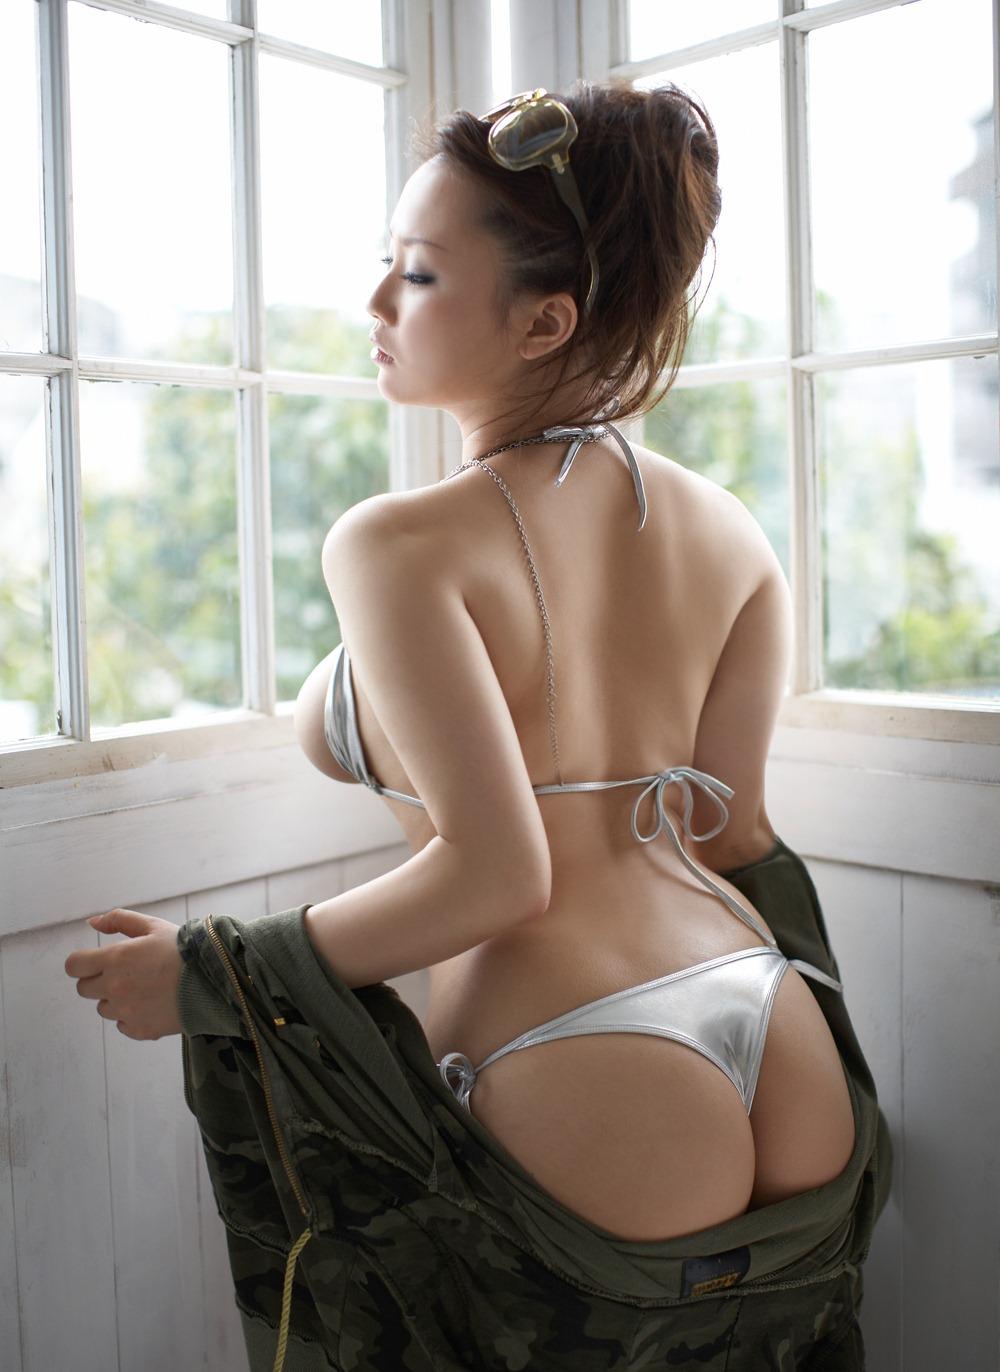 【No.1174】 後姿 / 相内リカ